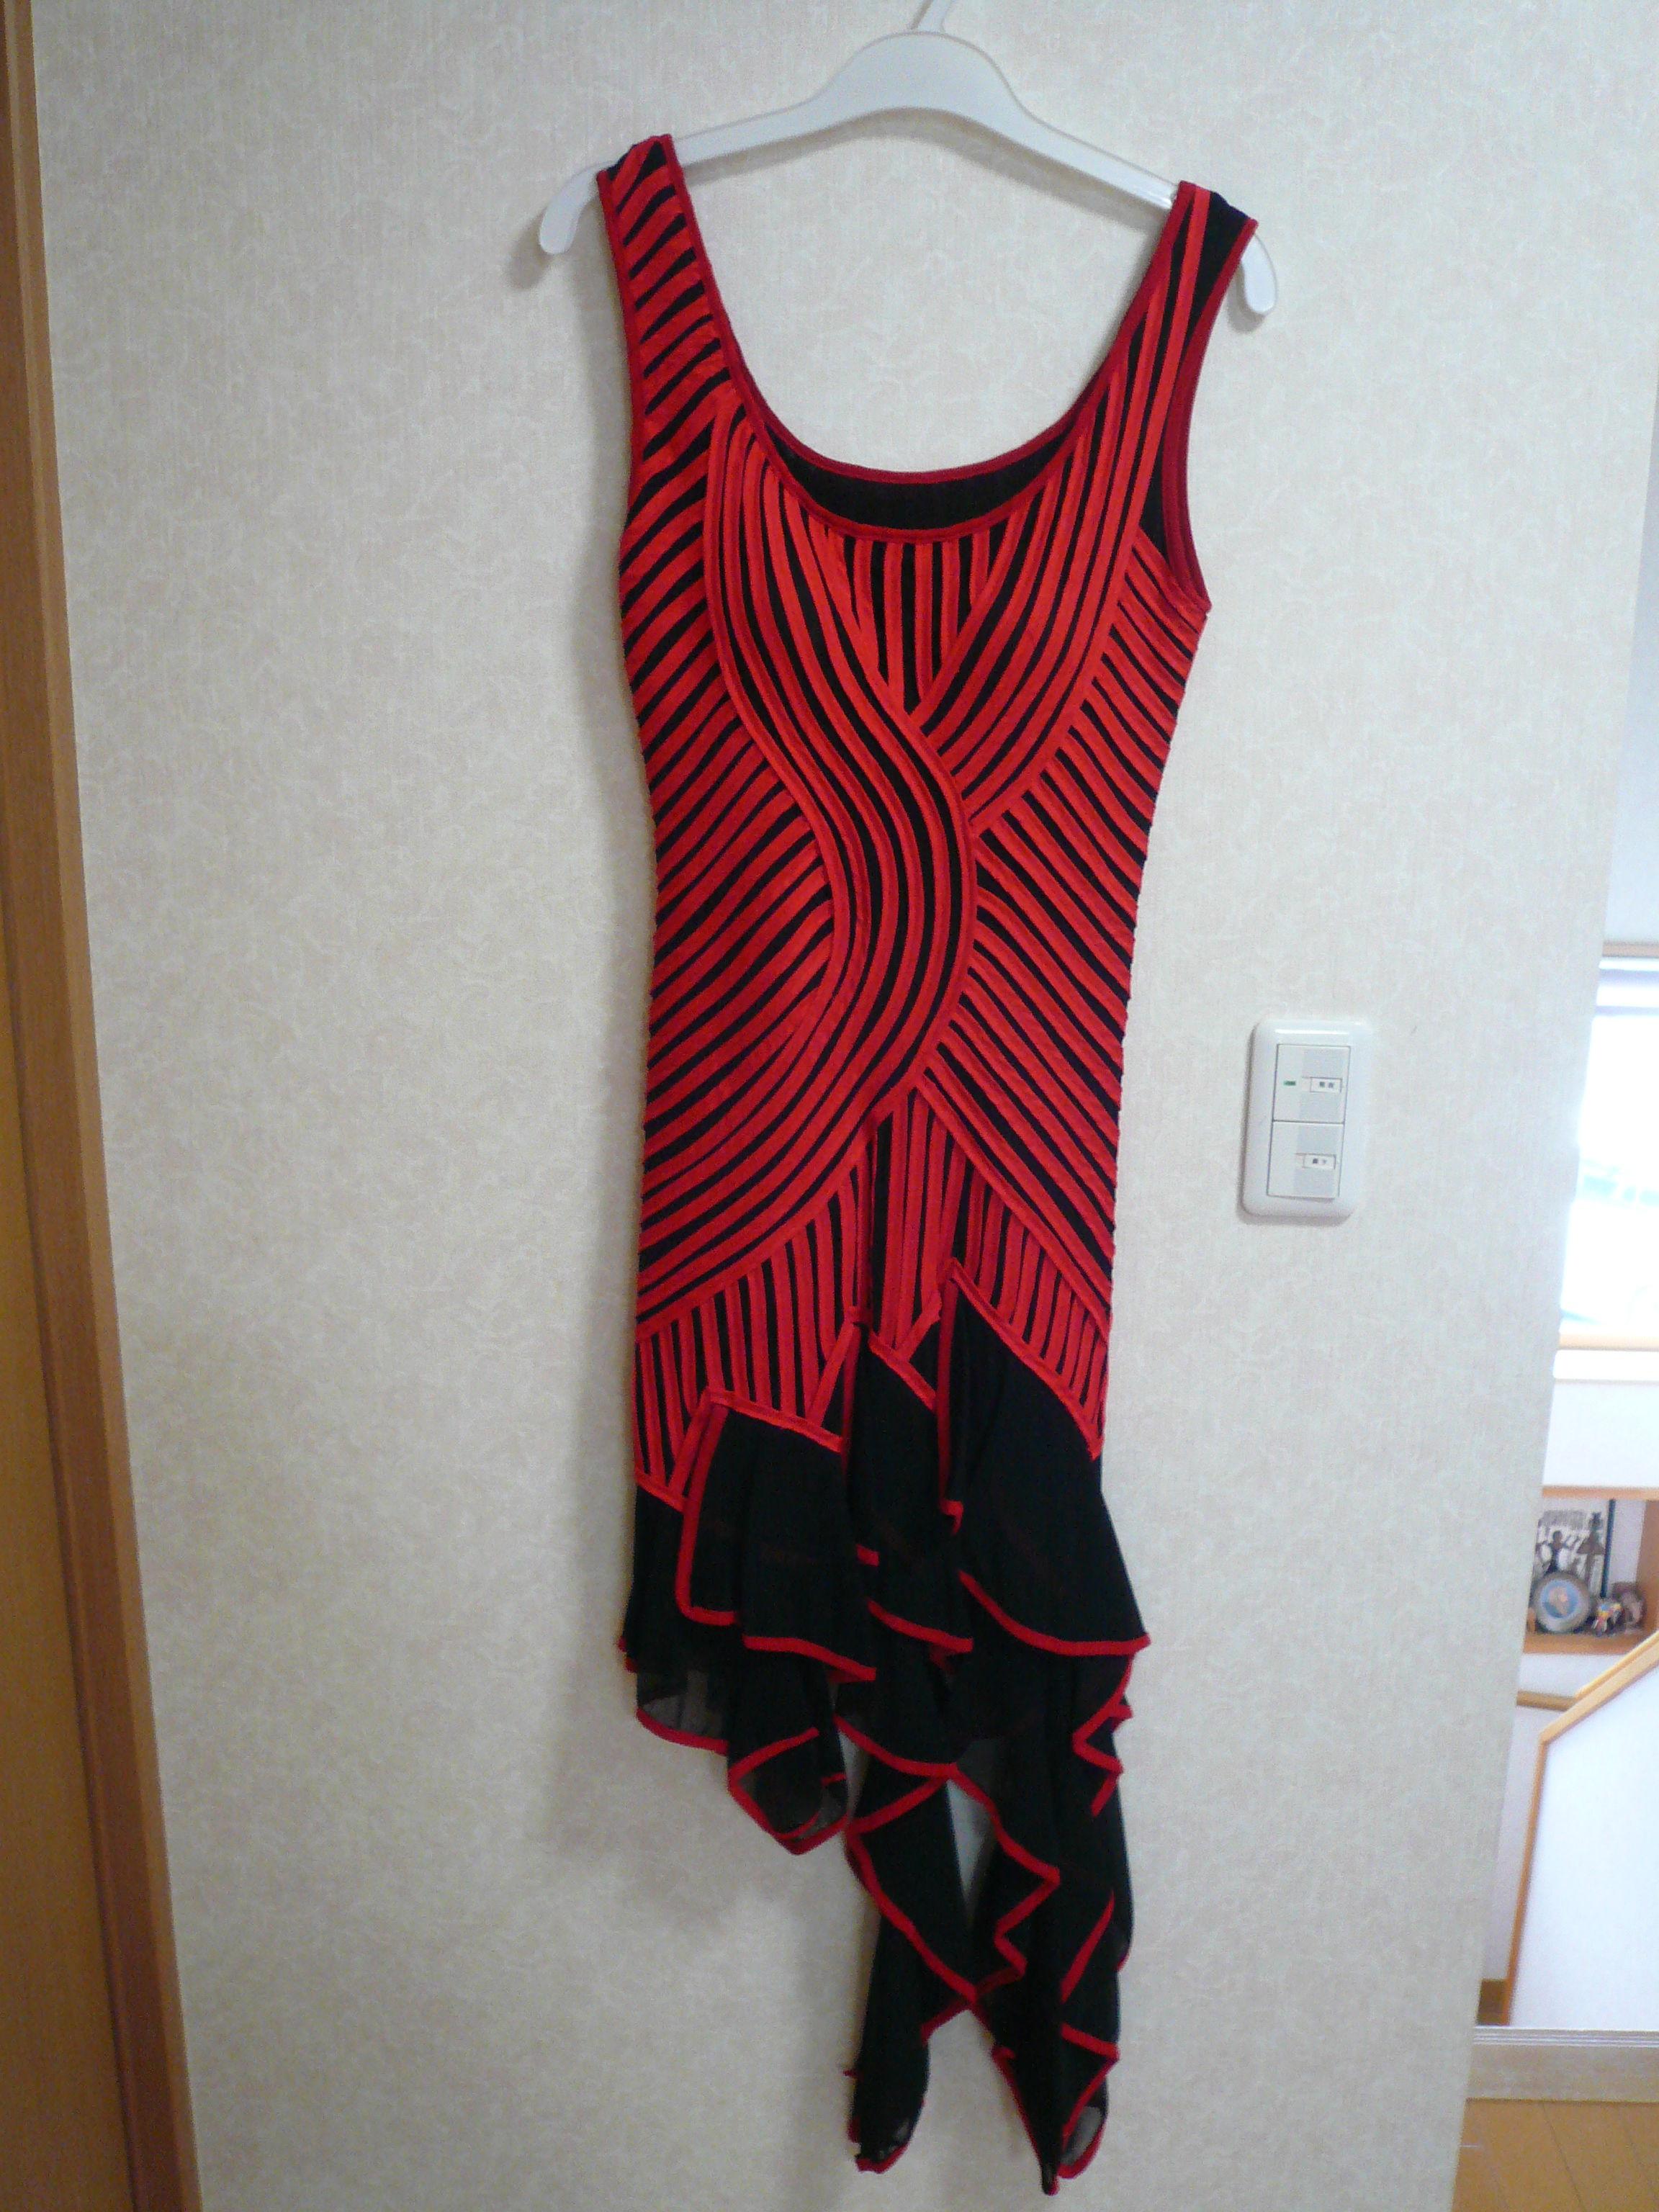 ラテンダンスドレス  新品 赤黒色  格安ドレス